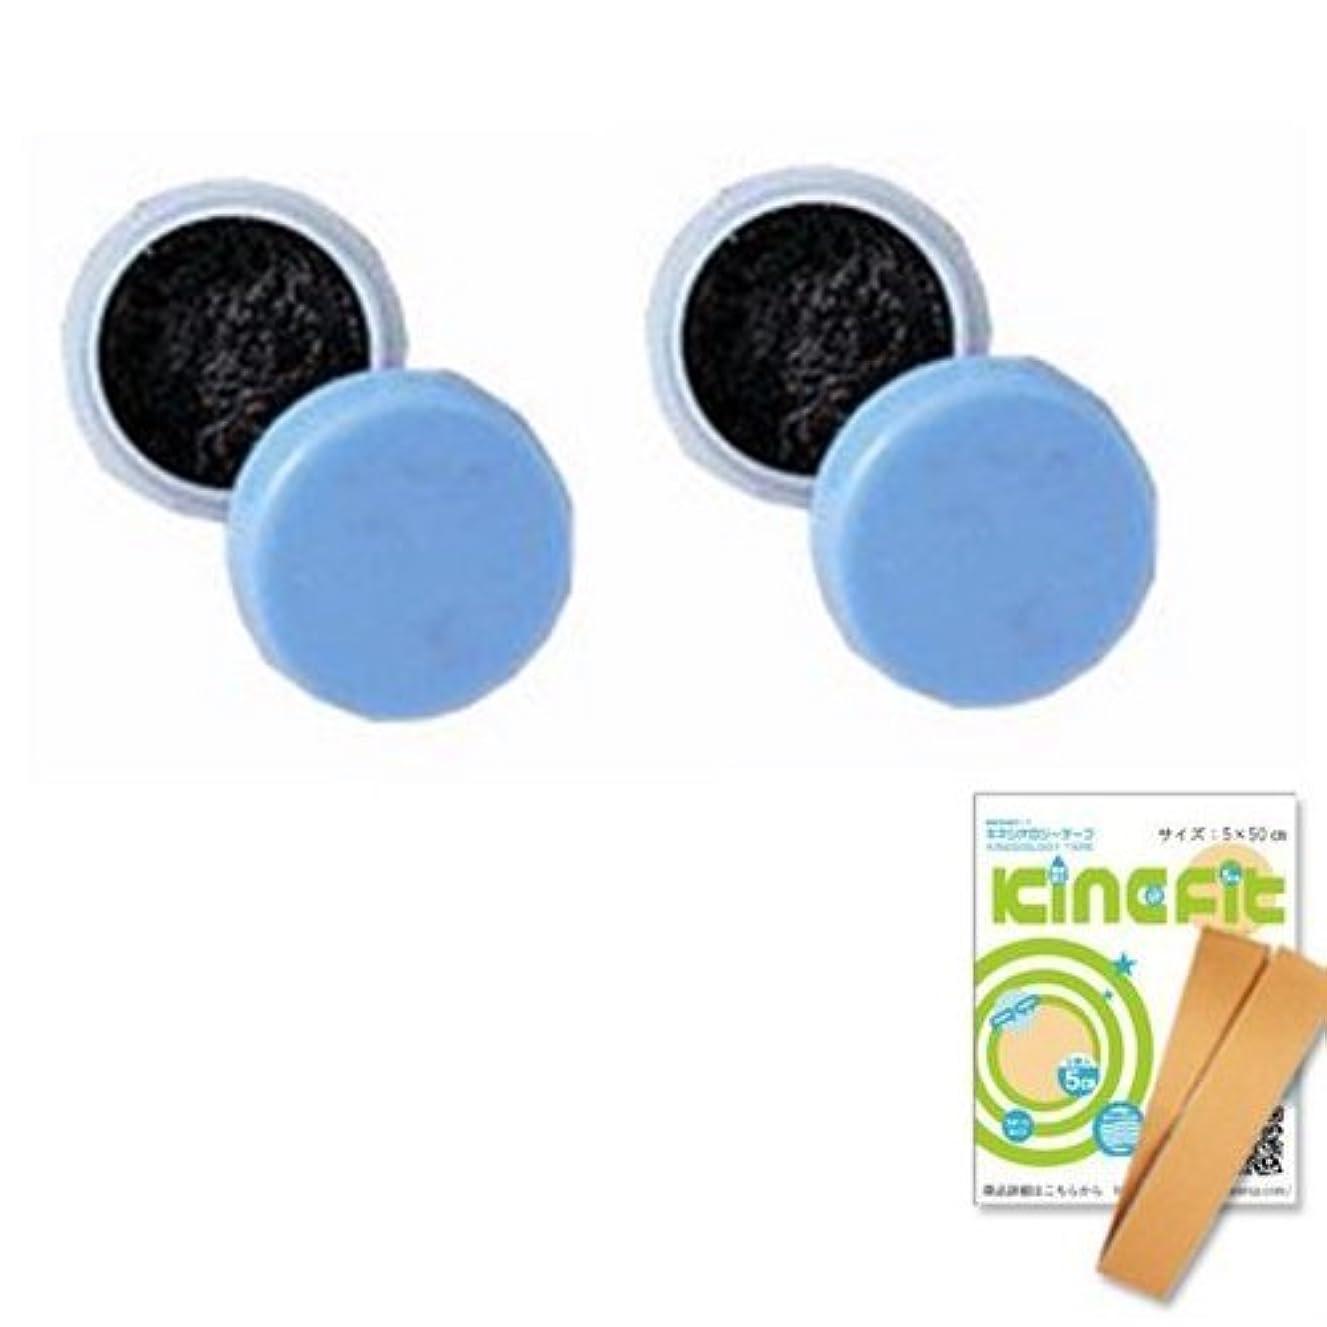 延期するルーチン有害な灸点スミ(SO-227)×2個セット + お試し用キネシオロジーテープ キネフィット50cm セット ※灸点棒は含まれません。